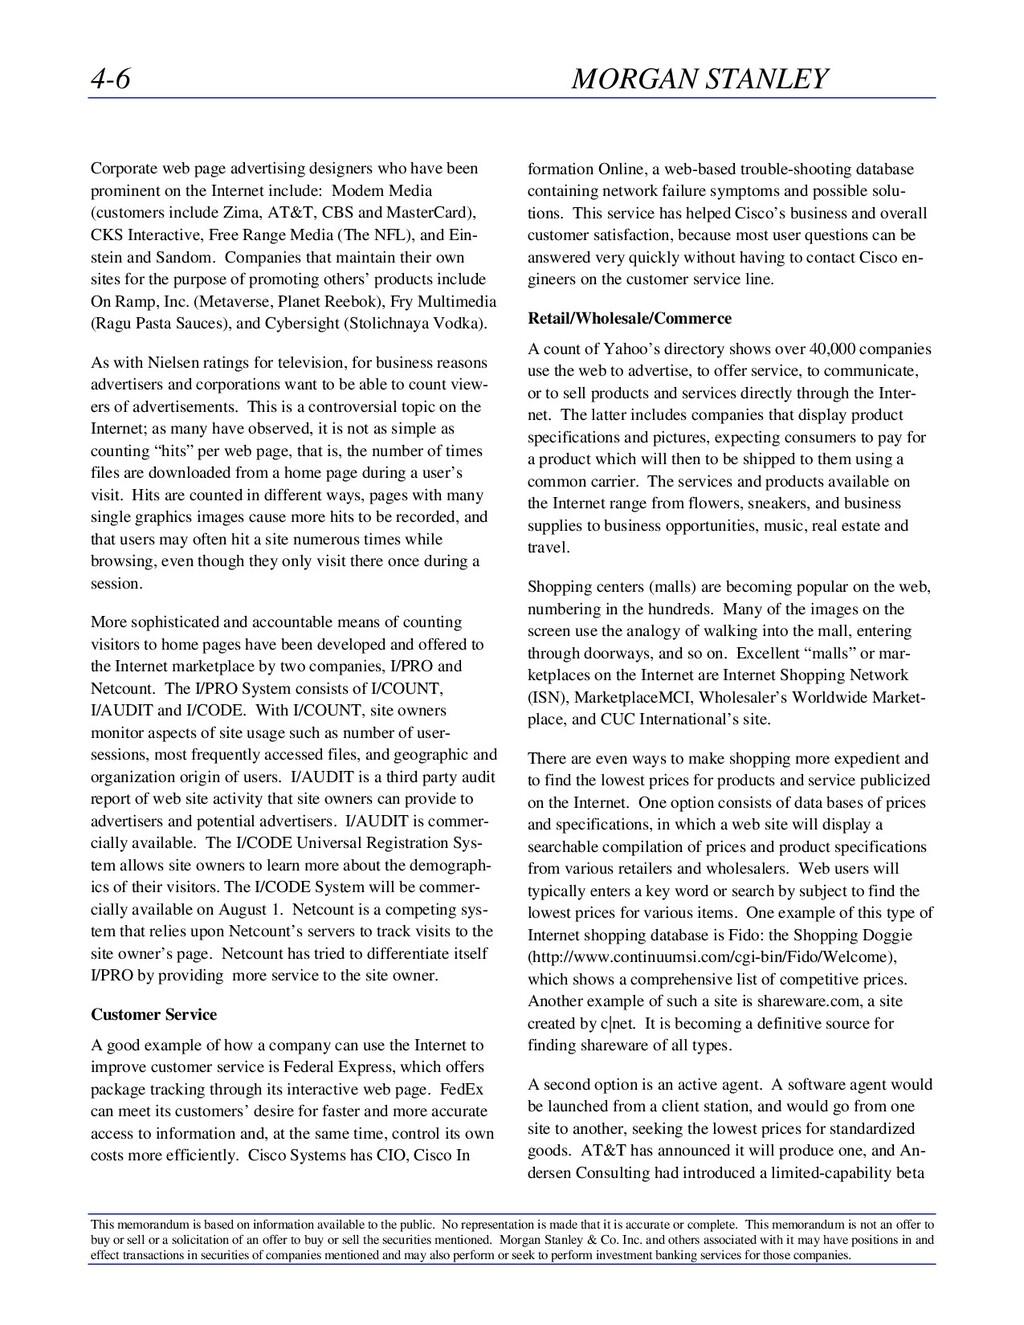 4-6 MORGAN STANLEY This memorandum is based on ...